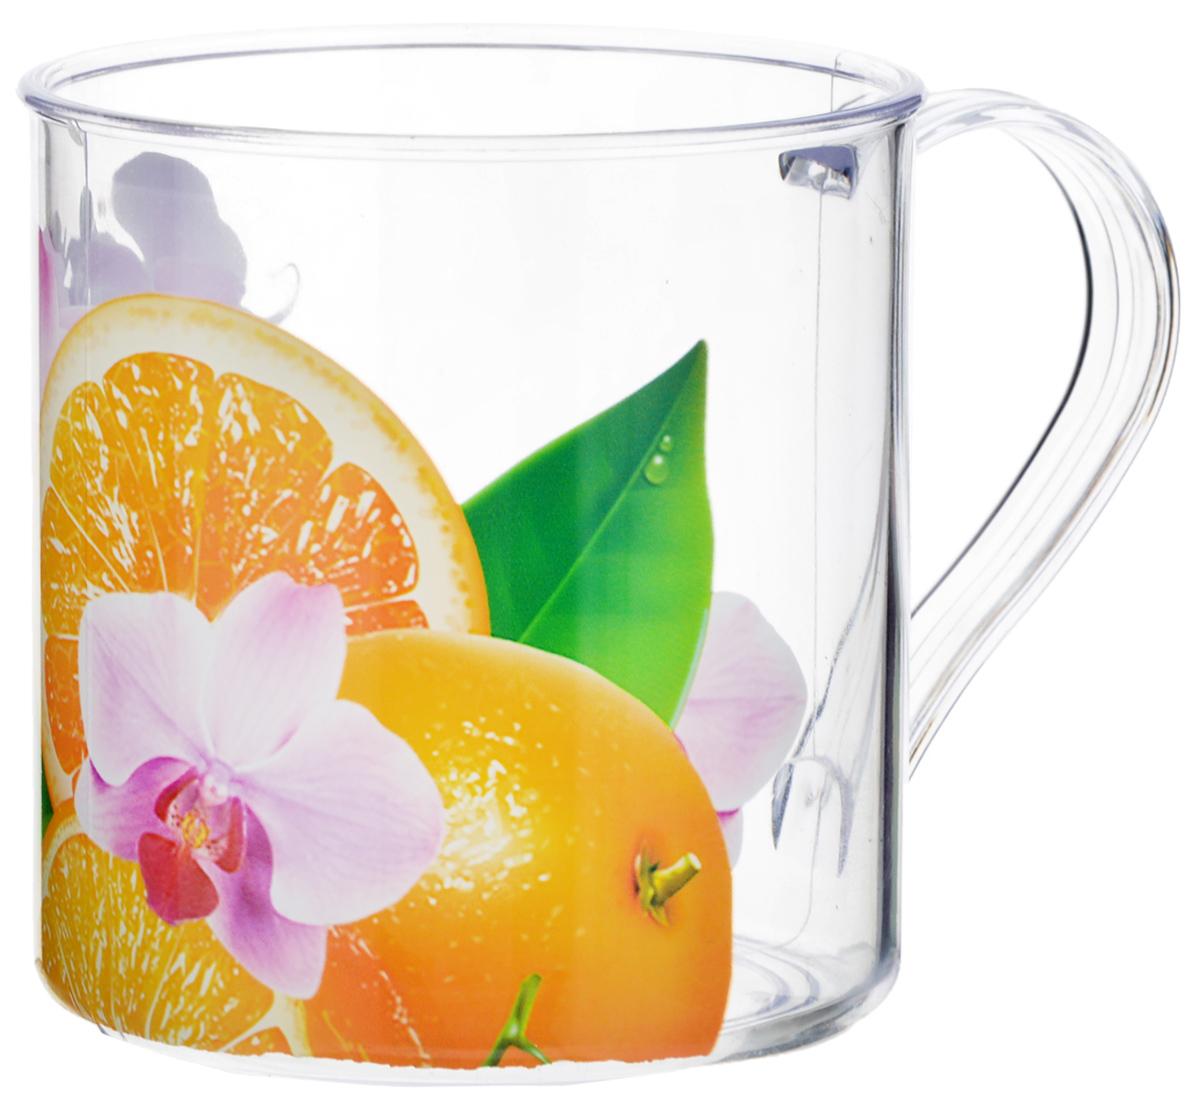 Кружка Альтернатива Экзотика, 300 млM928Кружка Альтернатива Экзотика, выполненная из пластика, украсит кухонный интерьер. Кружка предназначена только для холодных напитков. Кружка оформлена изображением апельсинов с листьями.